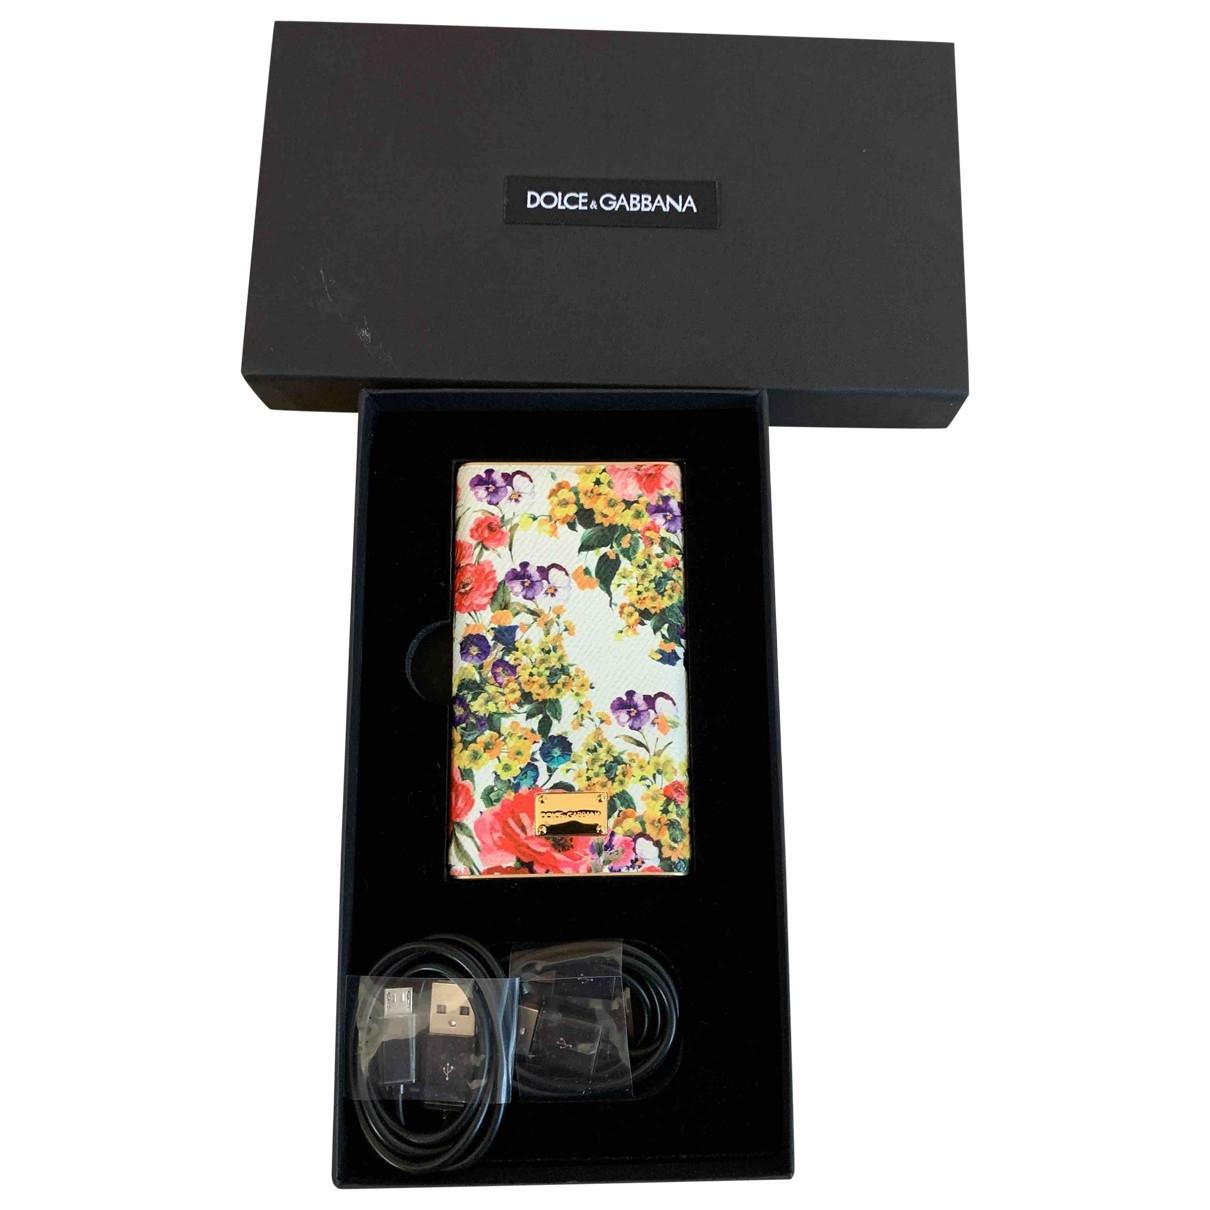 Dolce & Gabbana - Accessoires   pour lifestyle en cuir - multicolore